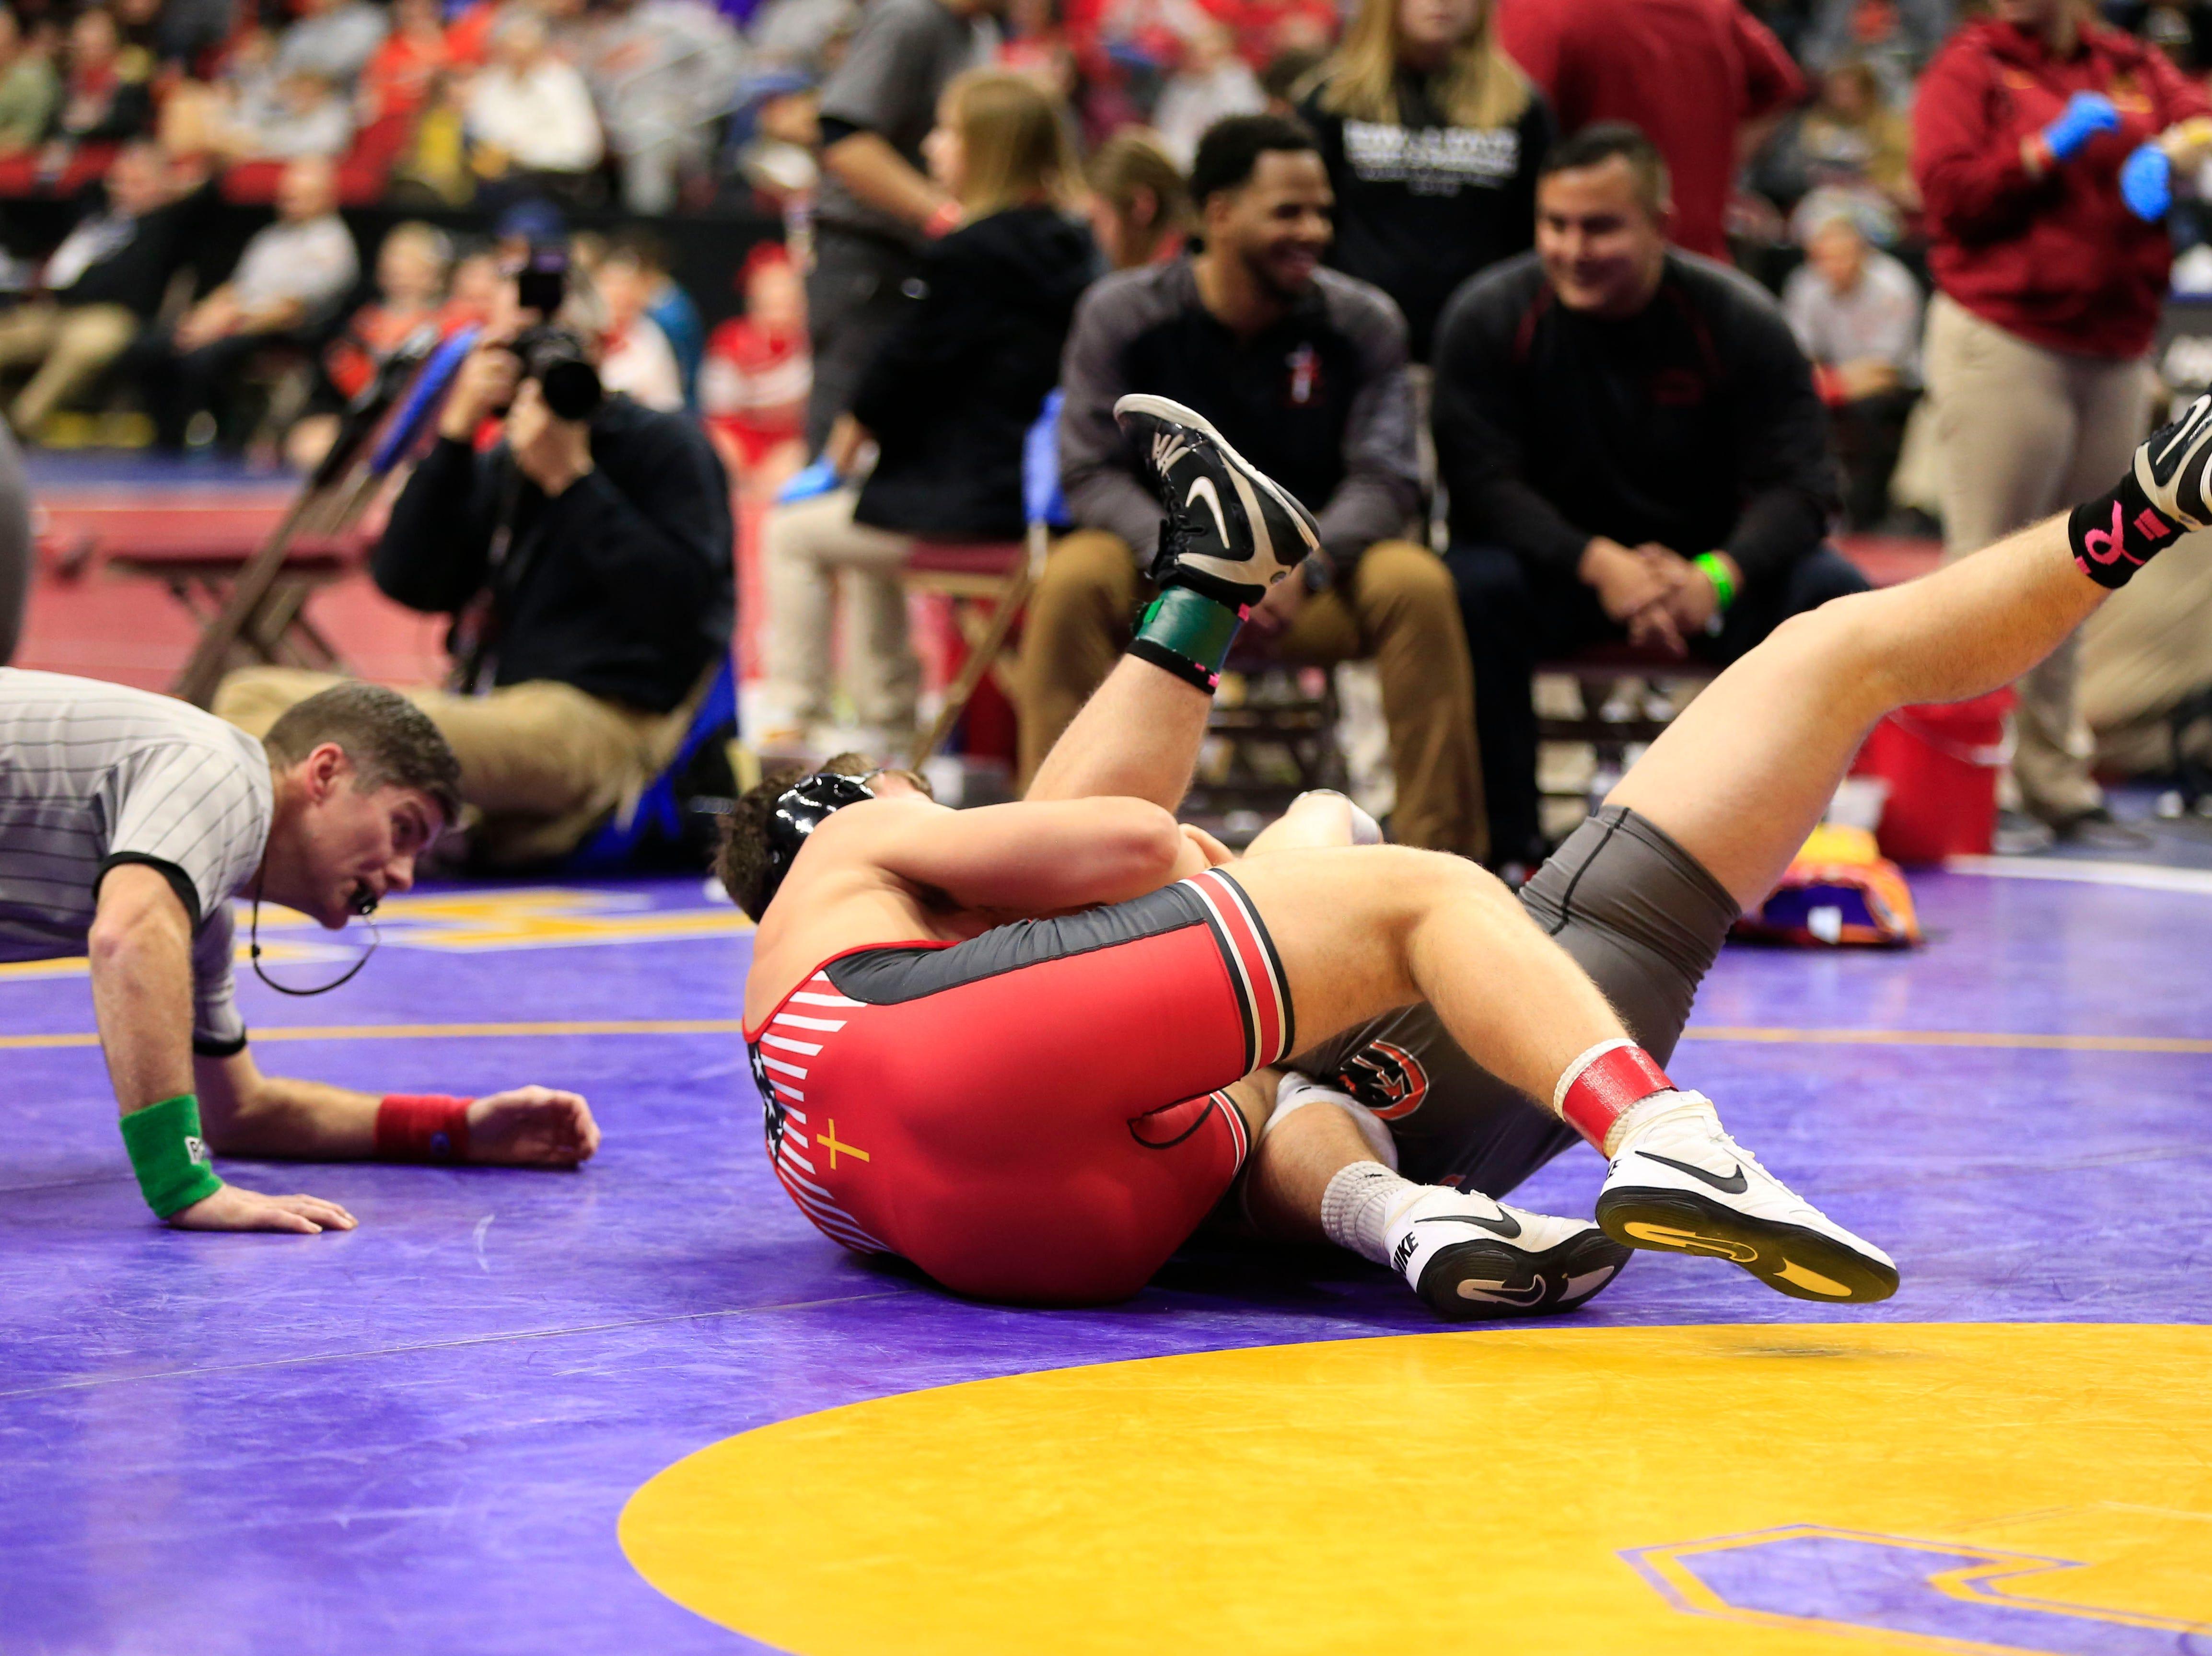 Julien Broderson of Assumption defeats Logan Escher of Washington during a 195 Lb 2A quarterfinal match at the state wrestling tournament Friday, Feb. 15, 2019.